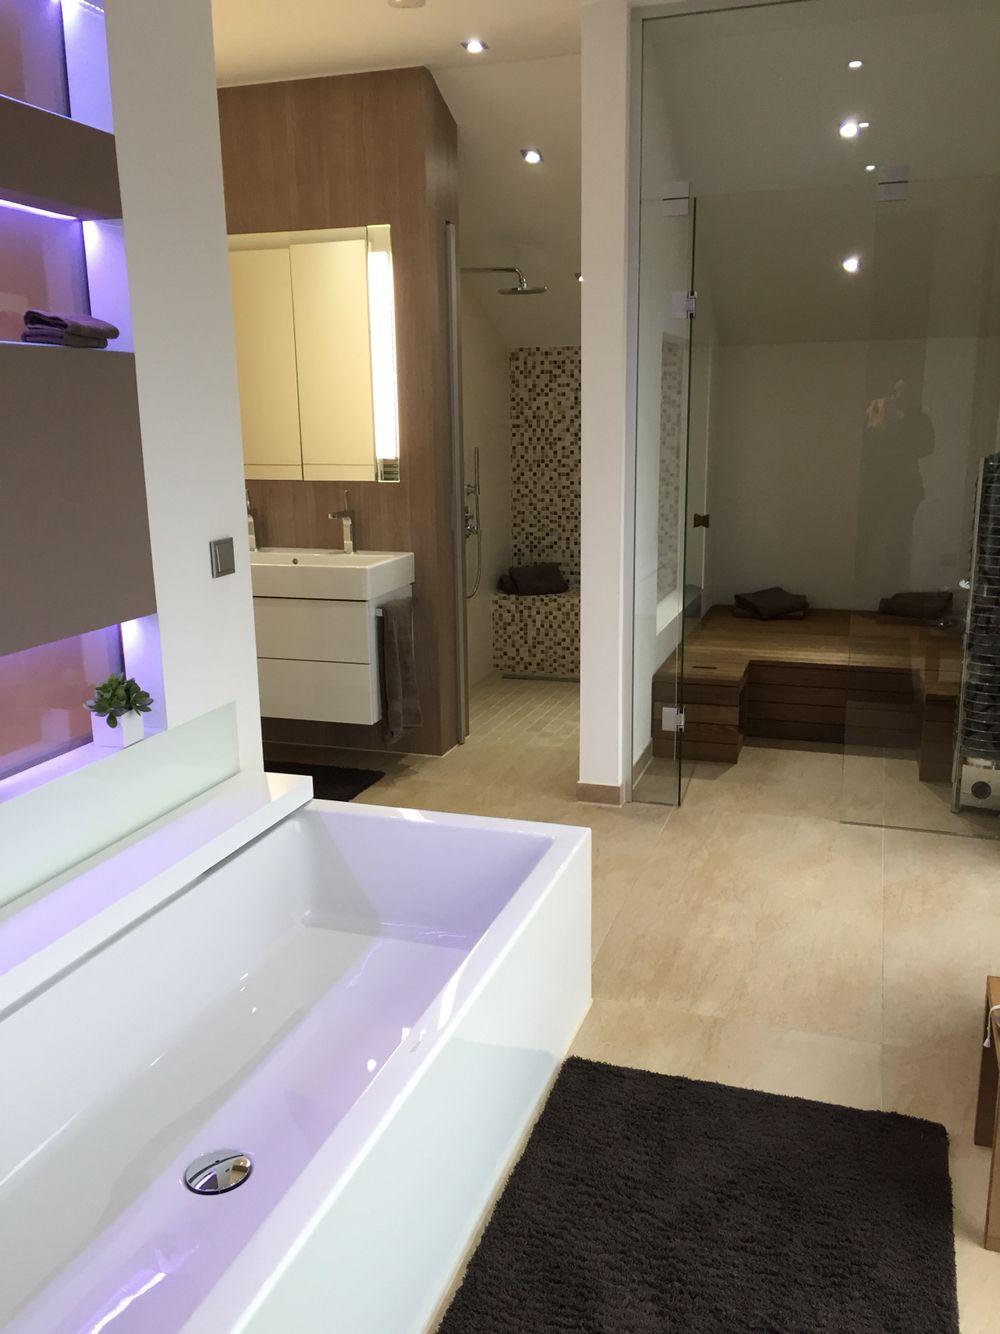 Tolles Grosses Badezimmer Grosse Badezimmer Haus Badezimmer